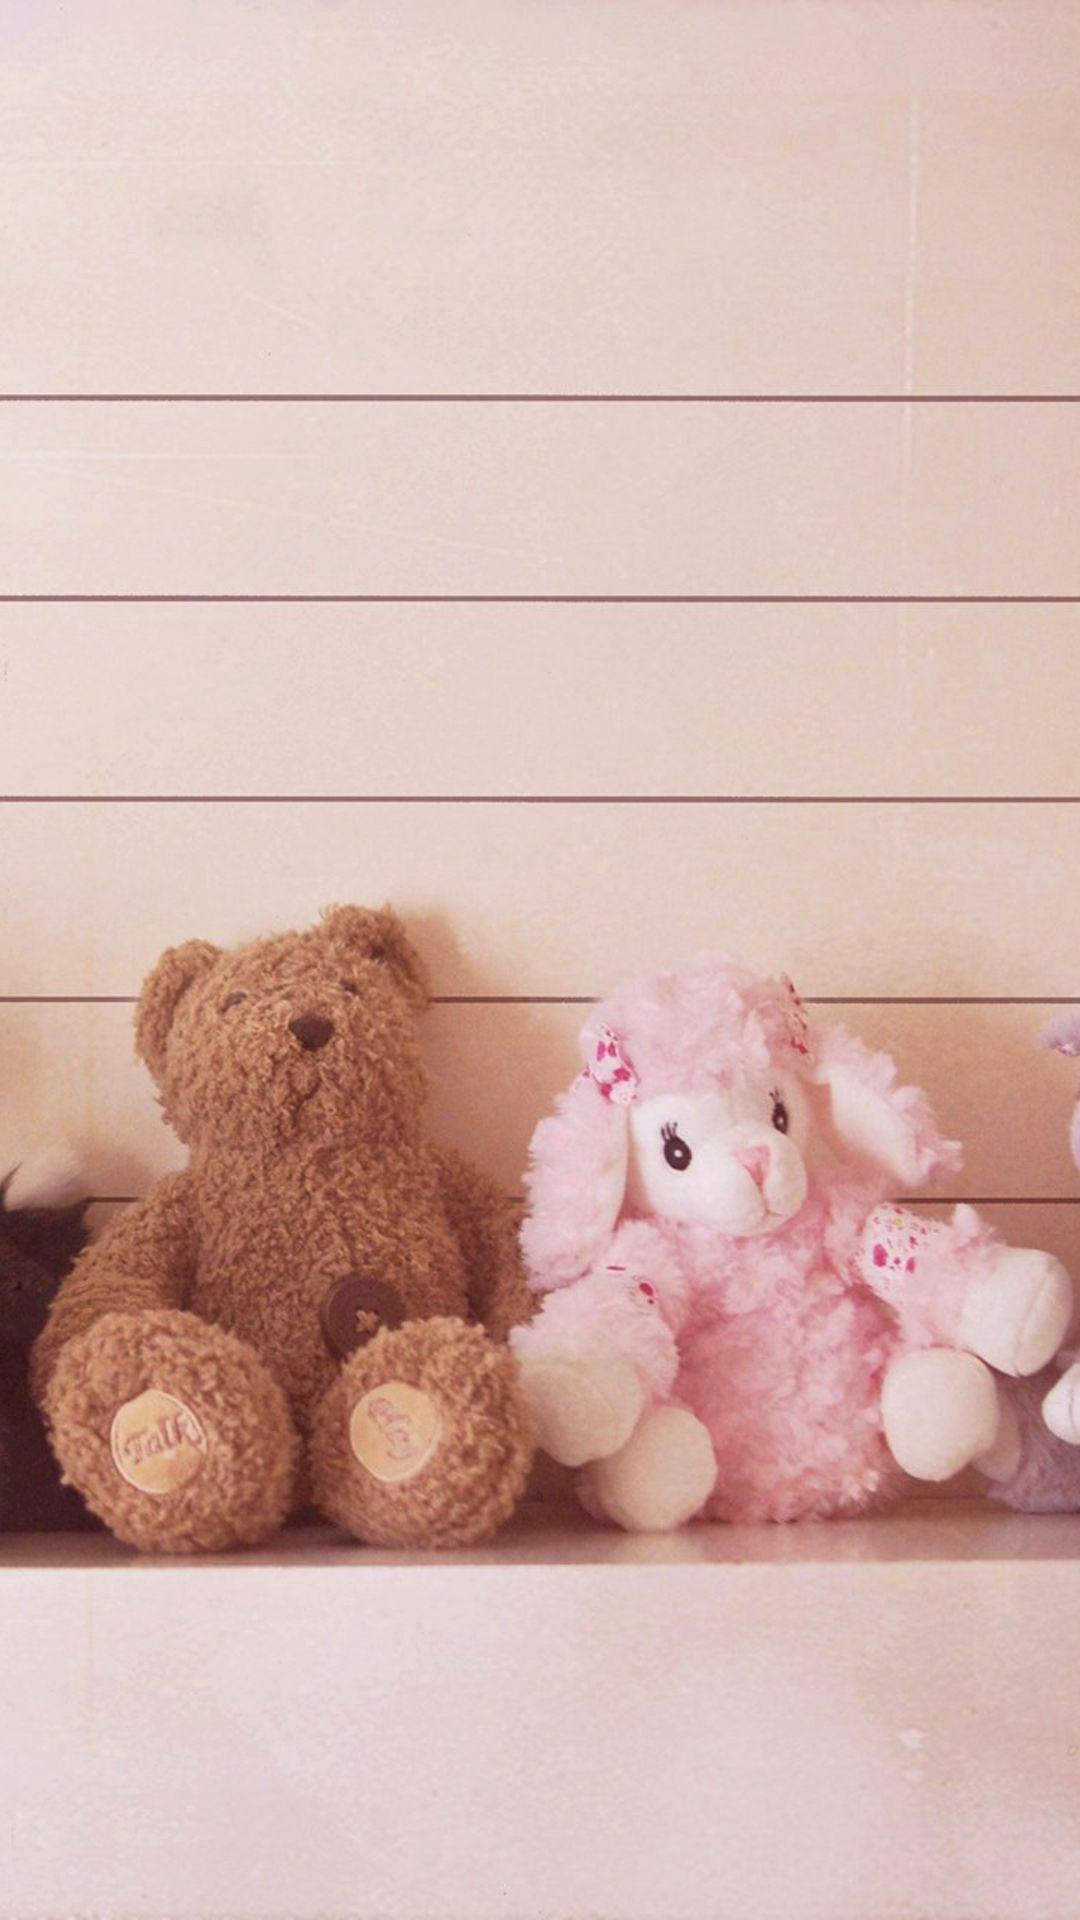 Wallpaper Cute Teddy Bear Wallpaper Hd